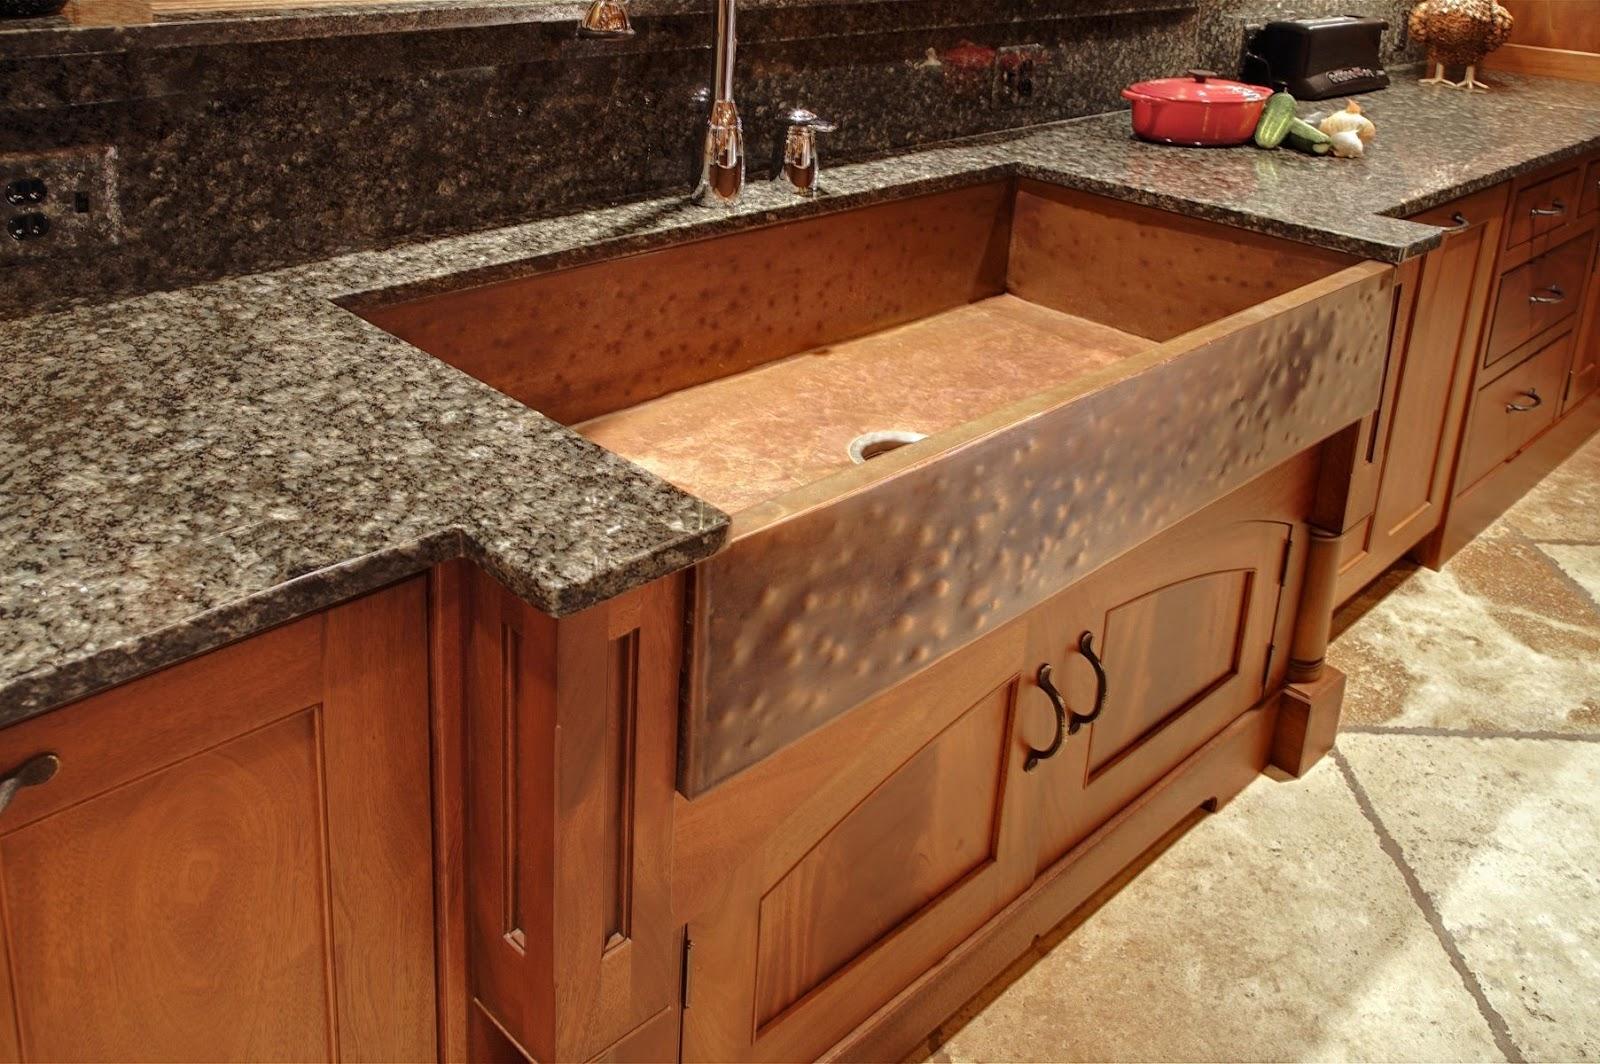 30 New Kitchen Sink Designs For Granite Countertops ... on Farmhouse Granite Countertops  id=51683